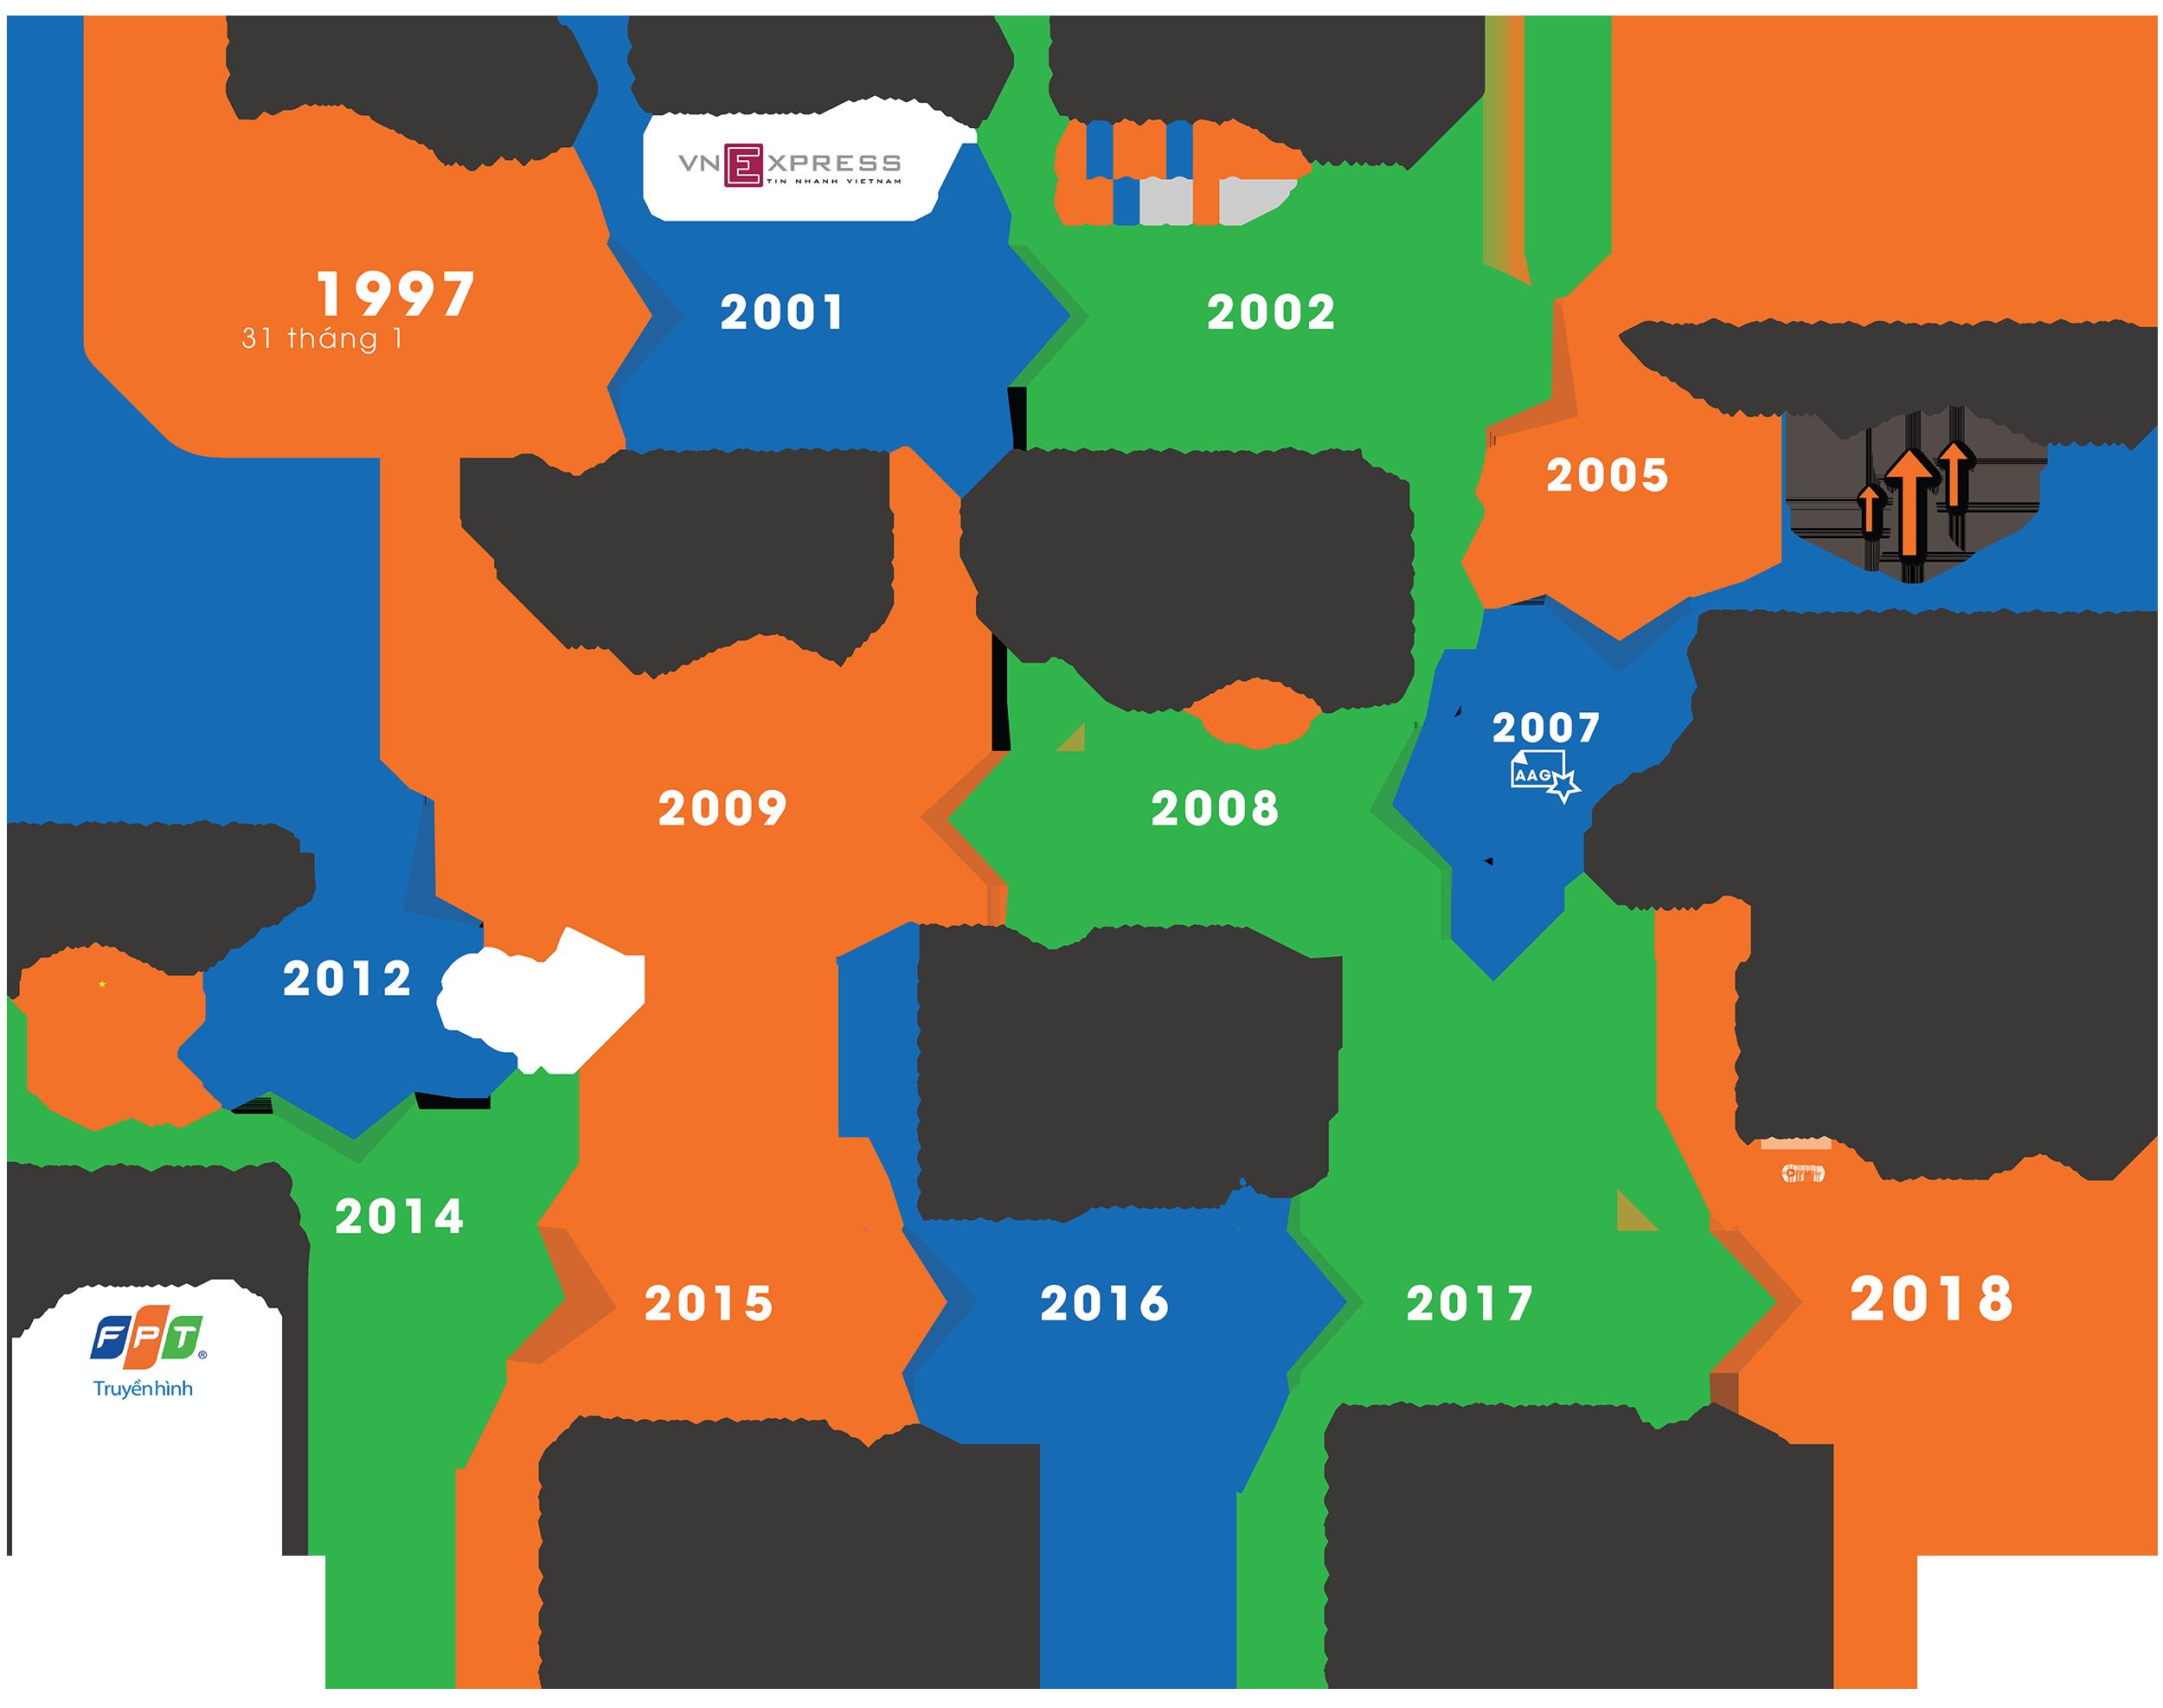 Lịch sử hình thành và phát triển FPT Telecom